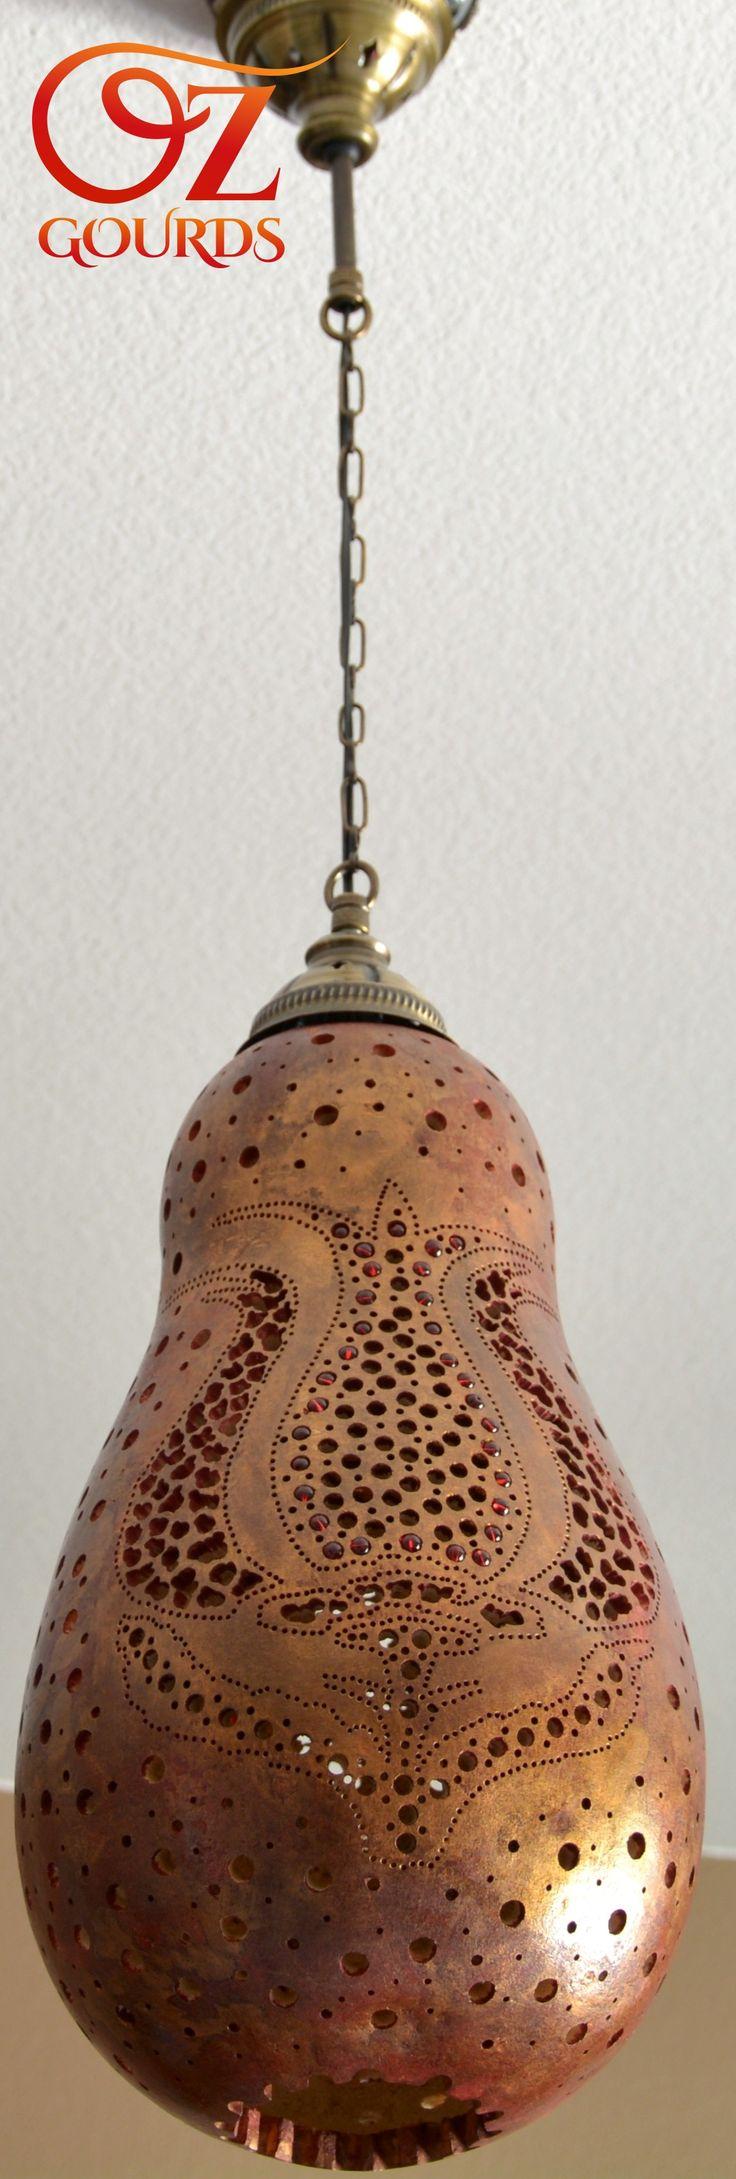 Best 25+ Gourd lamp ideas on Pinterest   Gourd, Gourd art ...